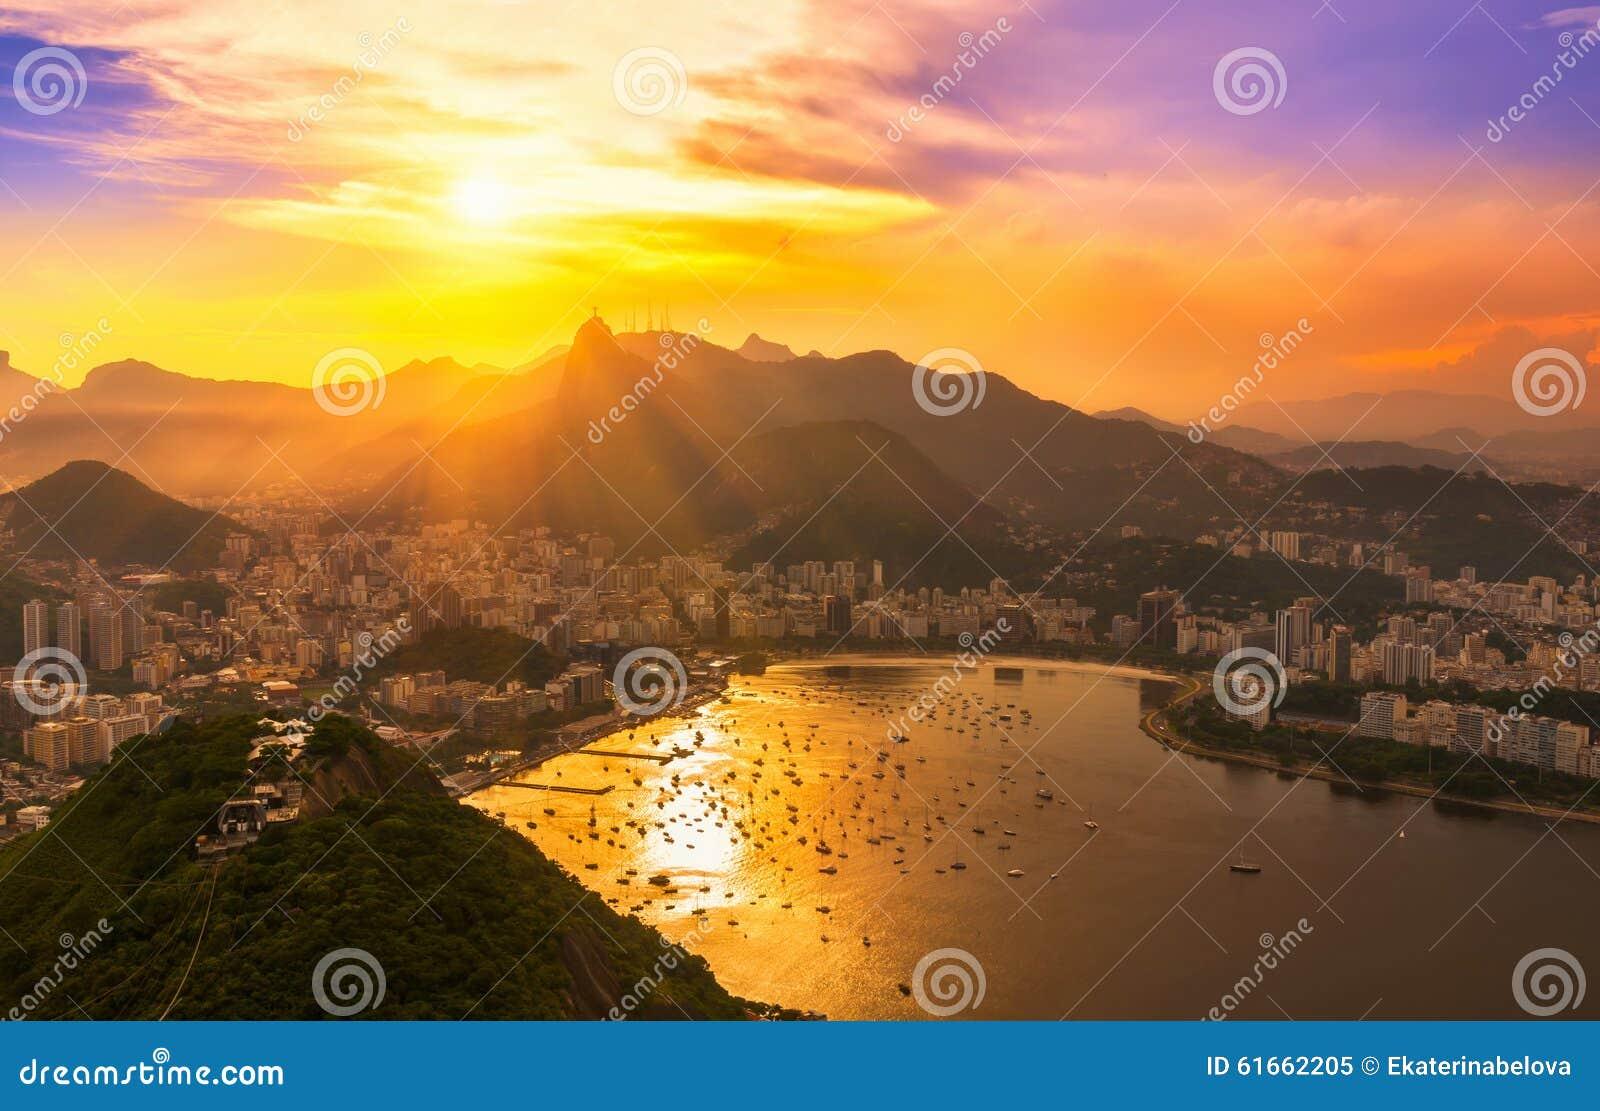 Corcovado and Botafogo in Rio de Janeiro. Brazil